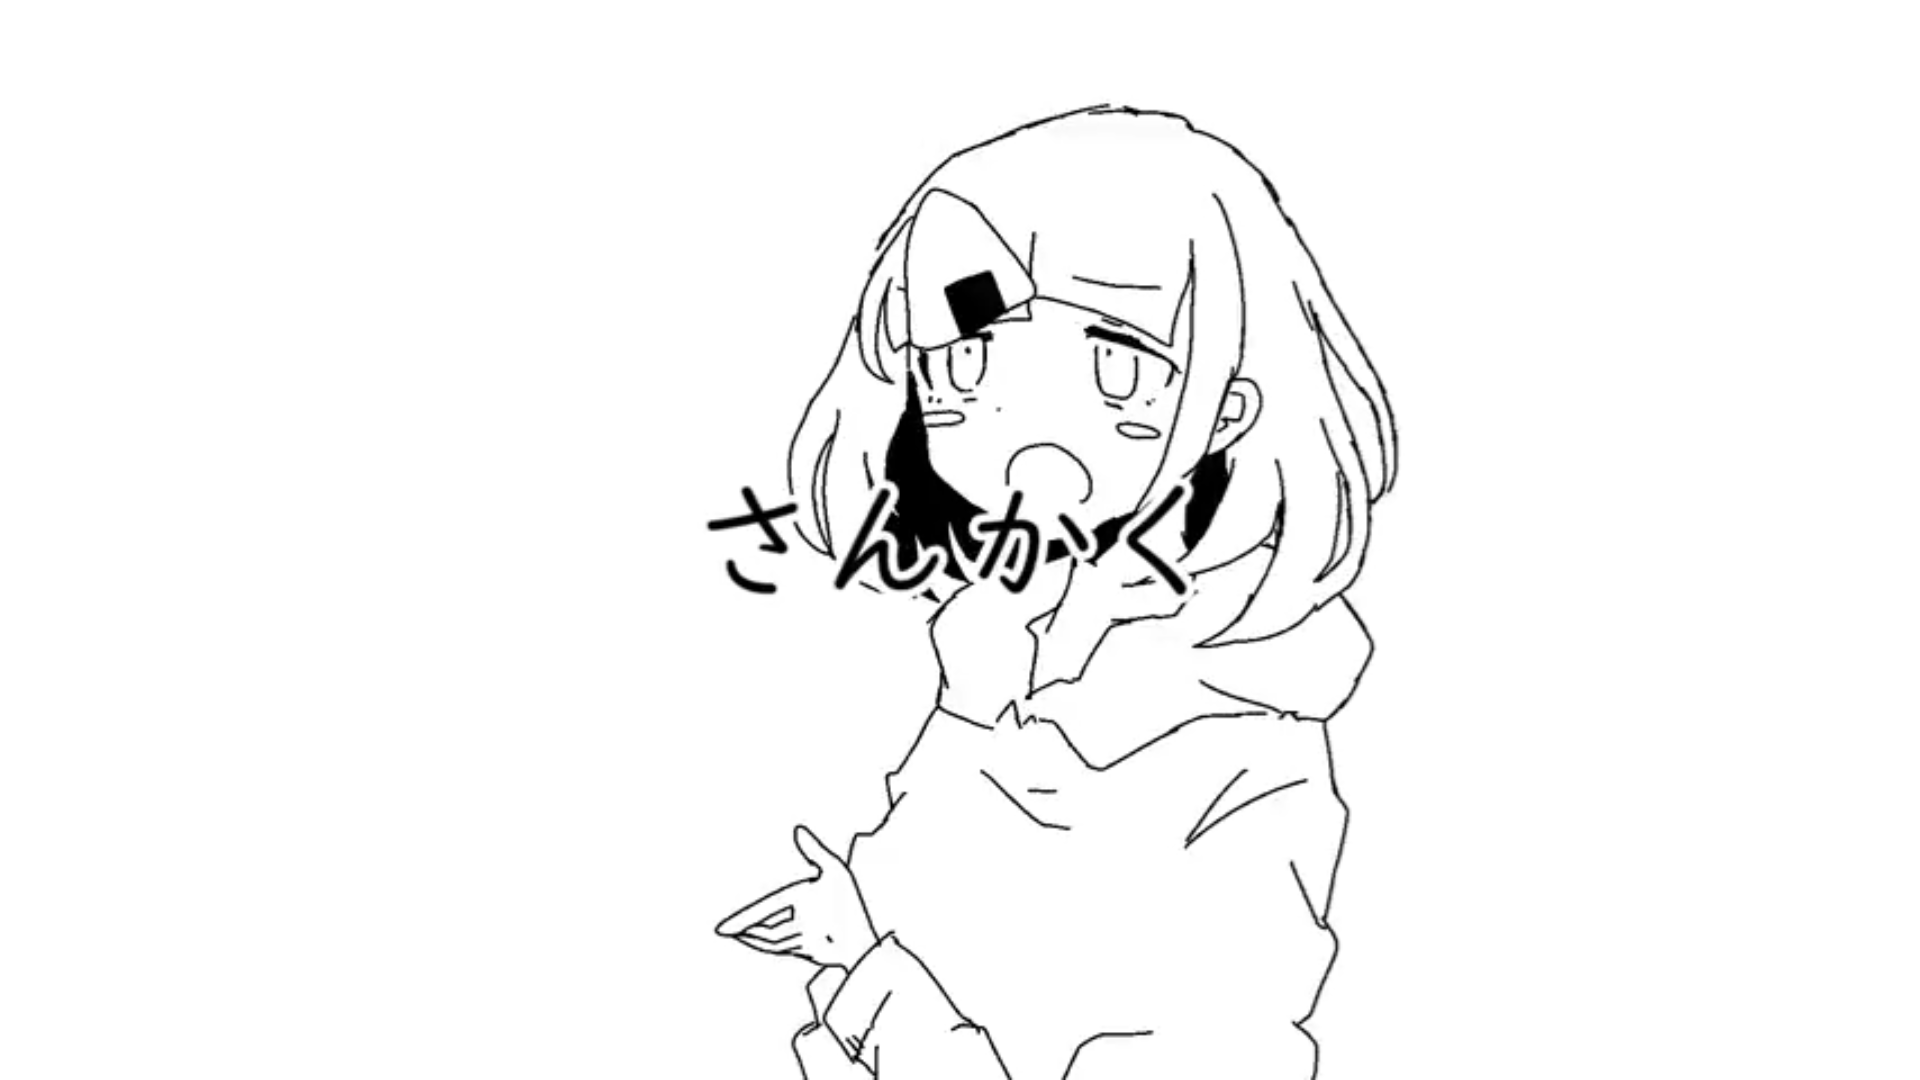 さんかく (Sankaku)